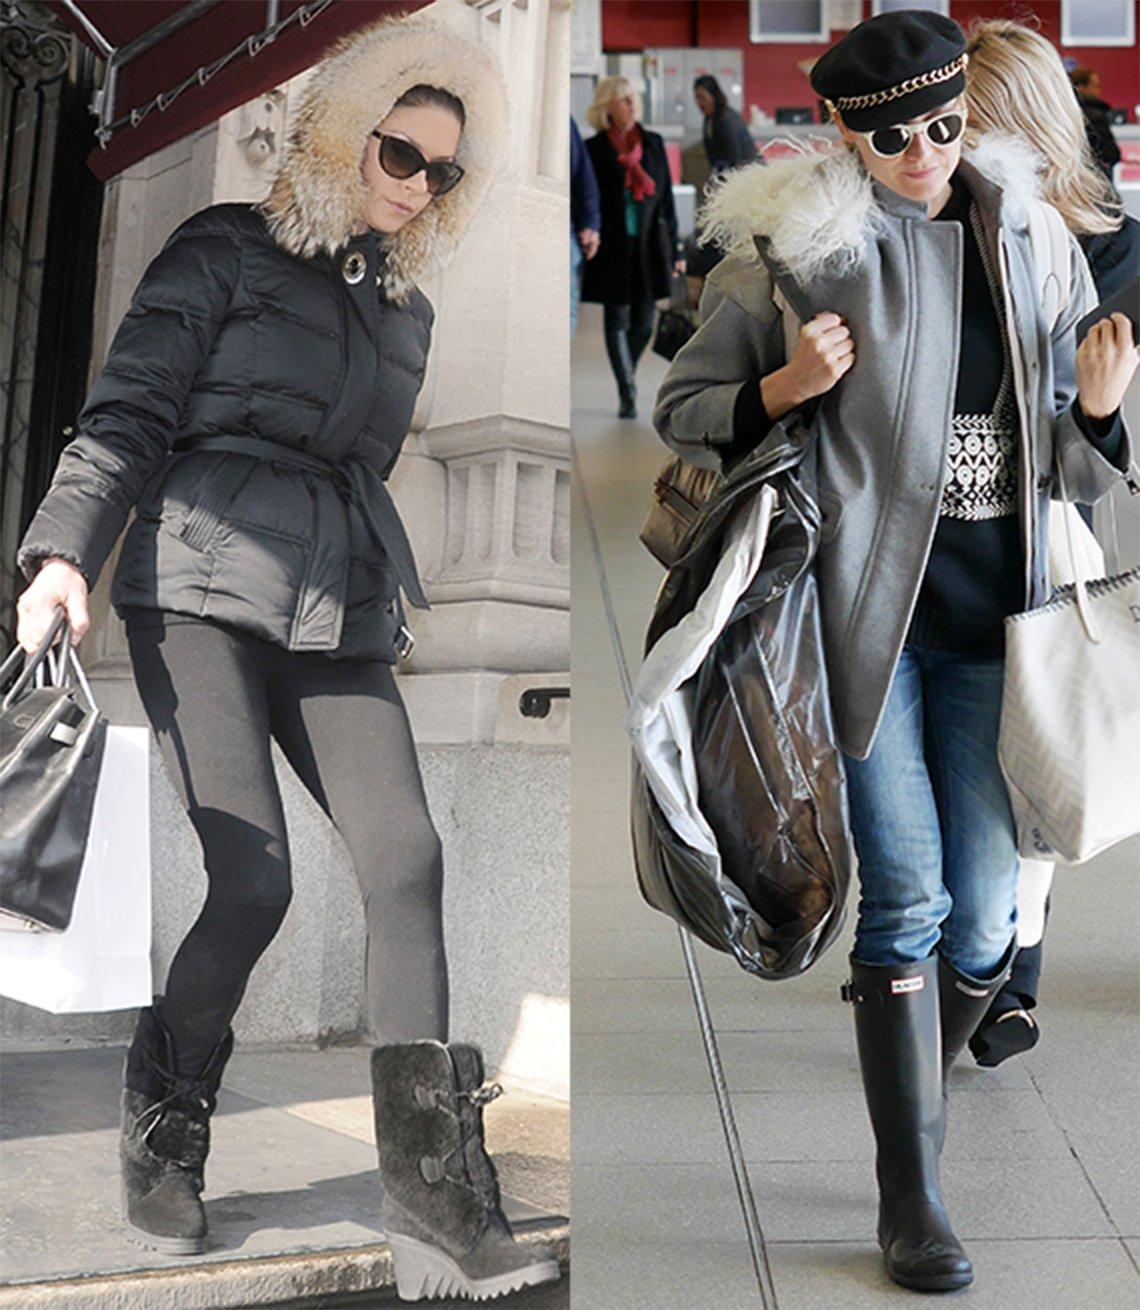 Catherine Zeta Jones and Diane Kruger in outdoor boots